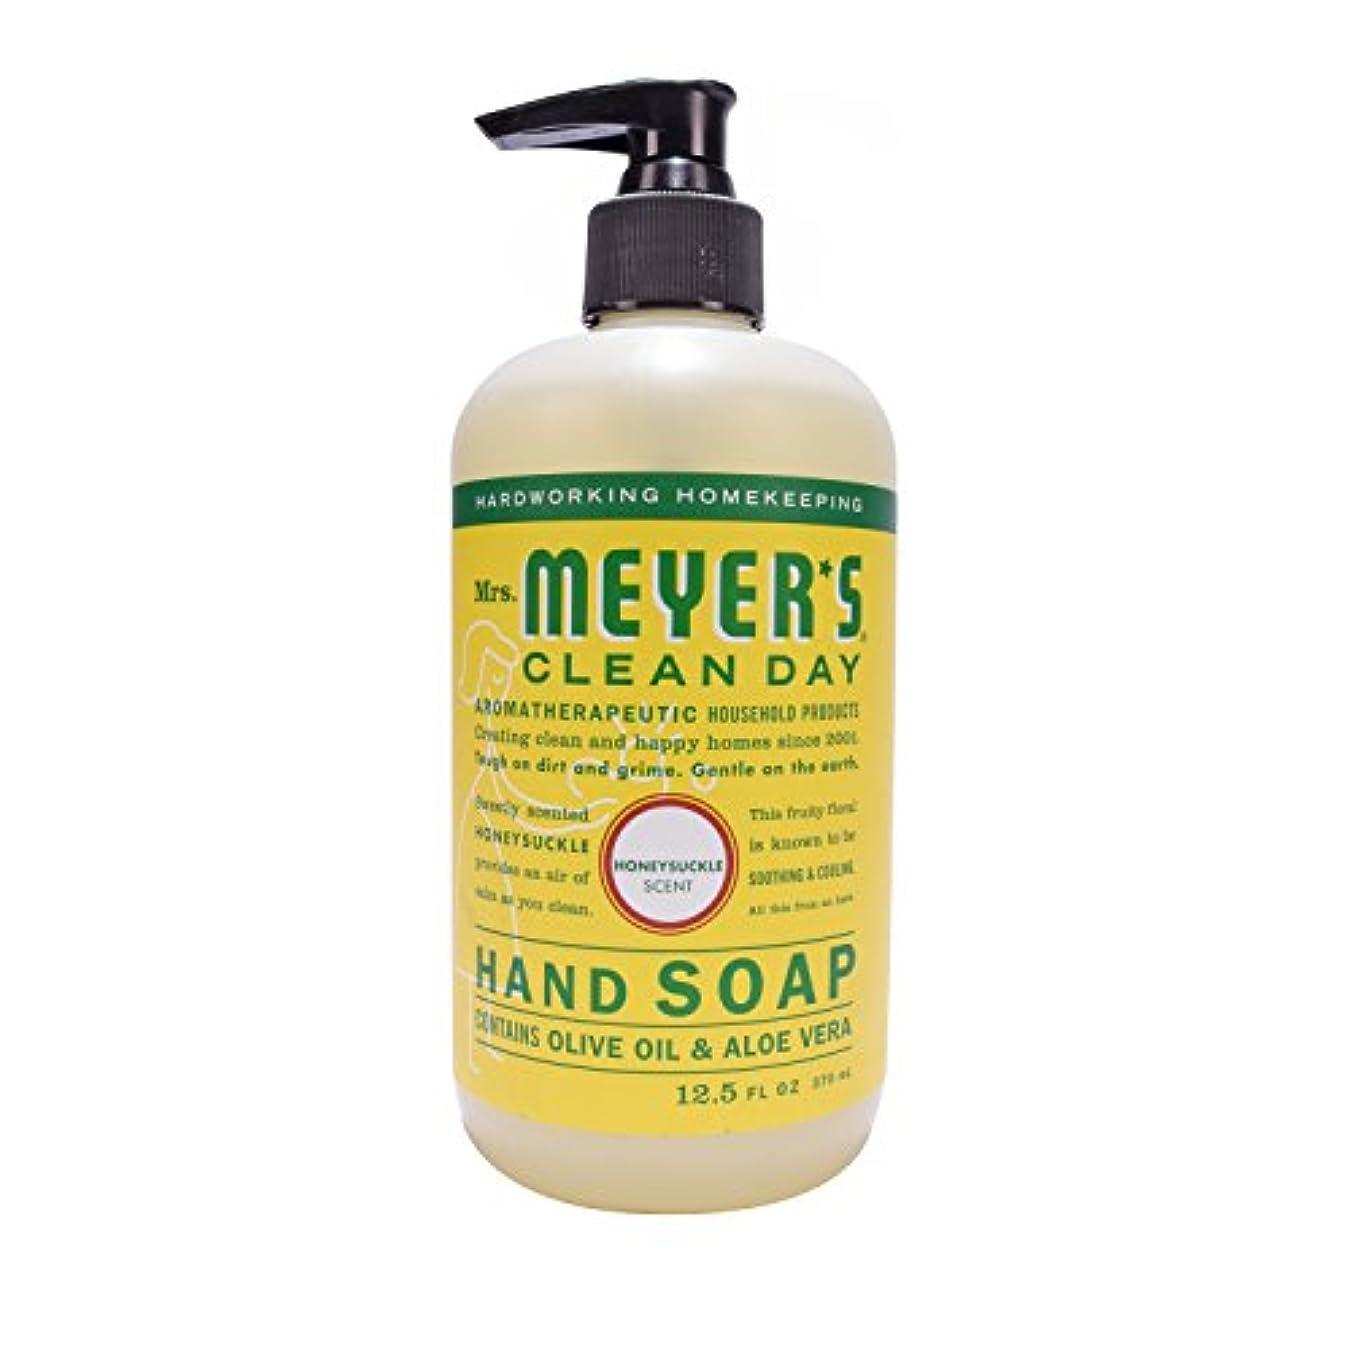 パラシュート聞きますキリスト教Mrs. Meyer's Clean Day Hand Soap Liquid, Honeysuckle, 12.5-Fluid Ounce Bottles by Mrs. Meyer's Clean Day